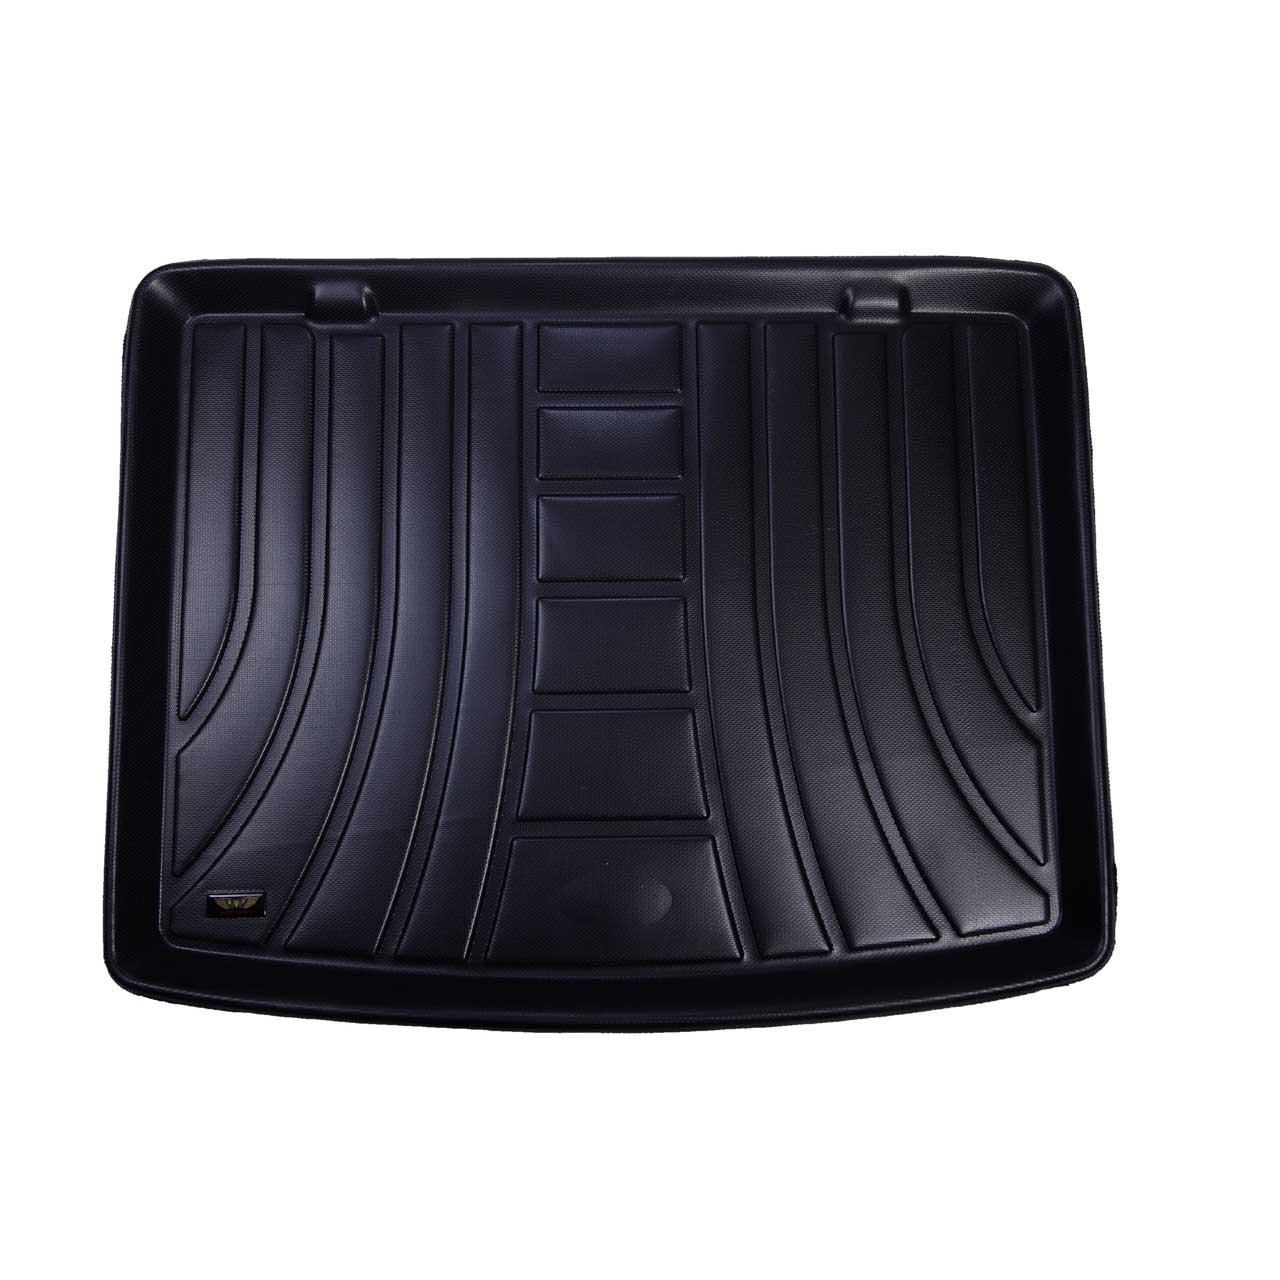 کفپوش سه بعدی صندوق خودرو مدل اکو مناسب برای برلیانس 320